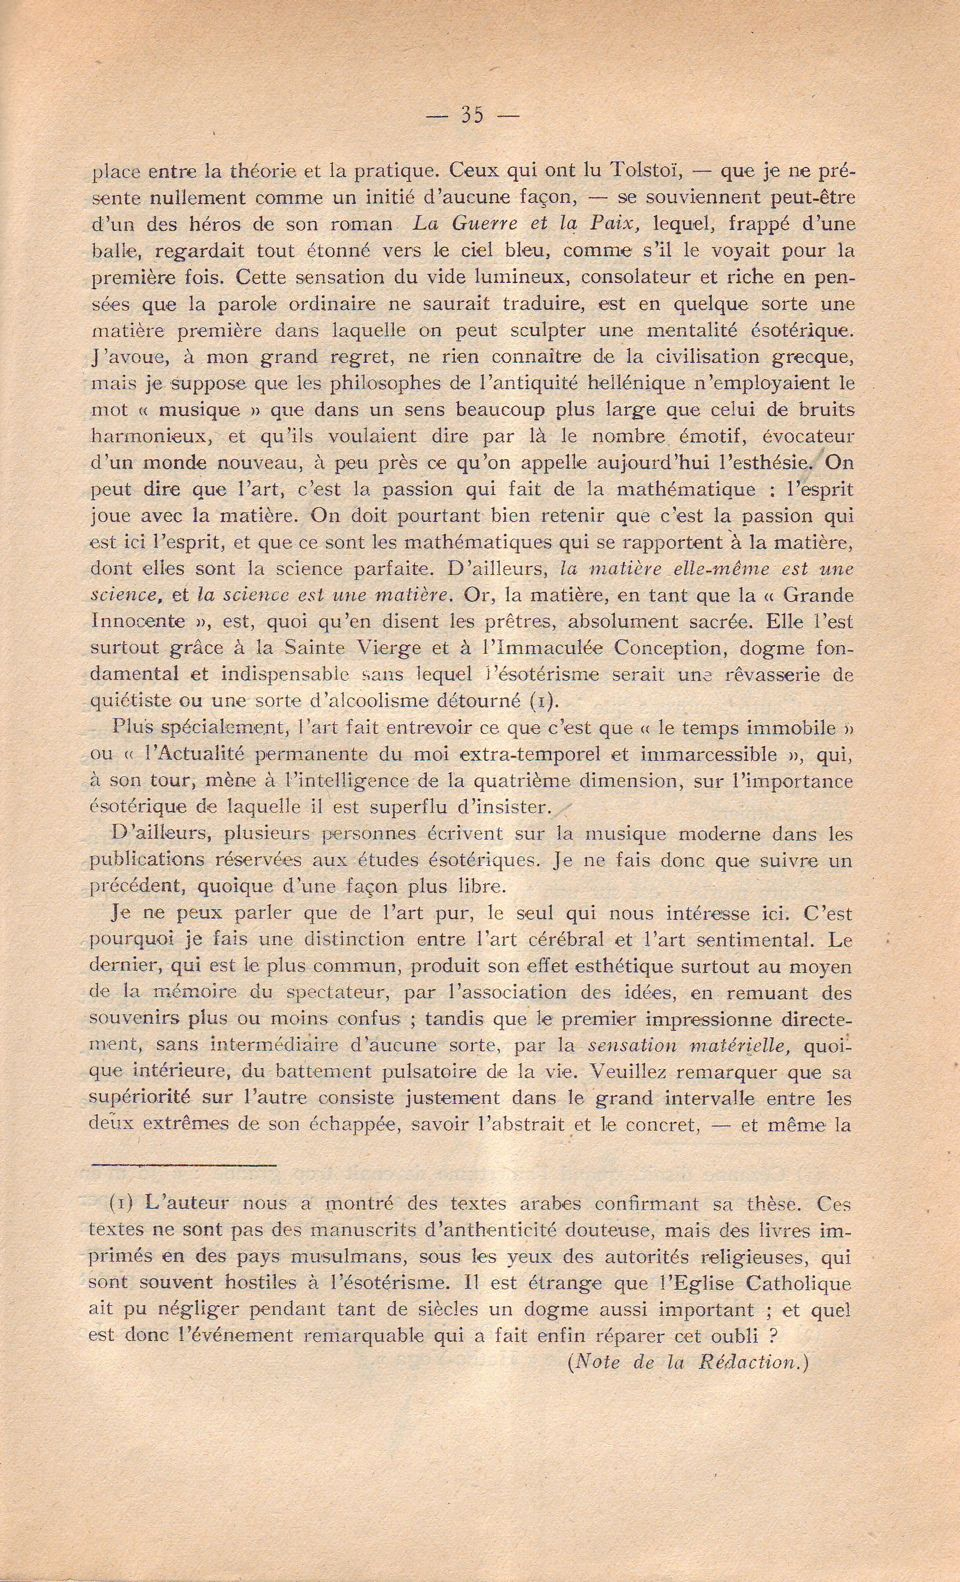 Pages..Mércure 8. 35